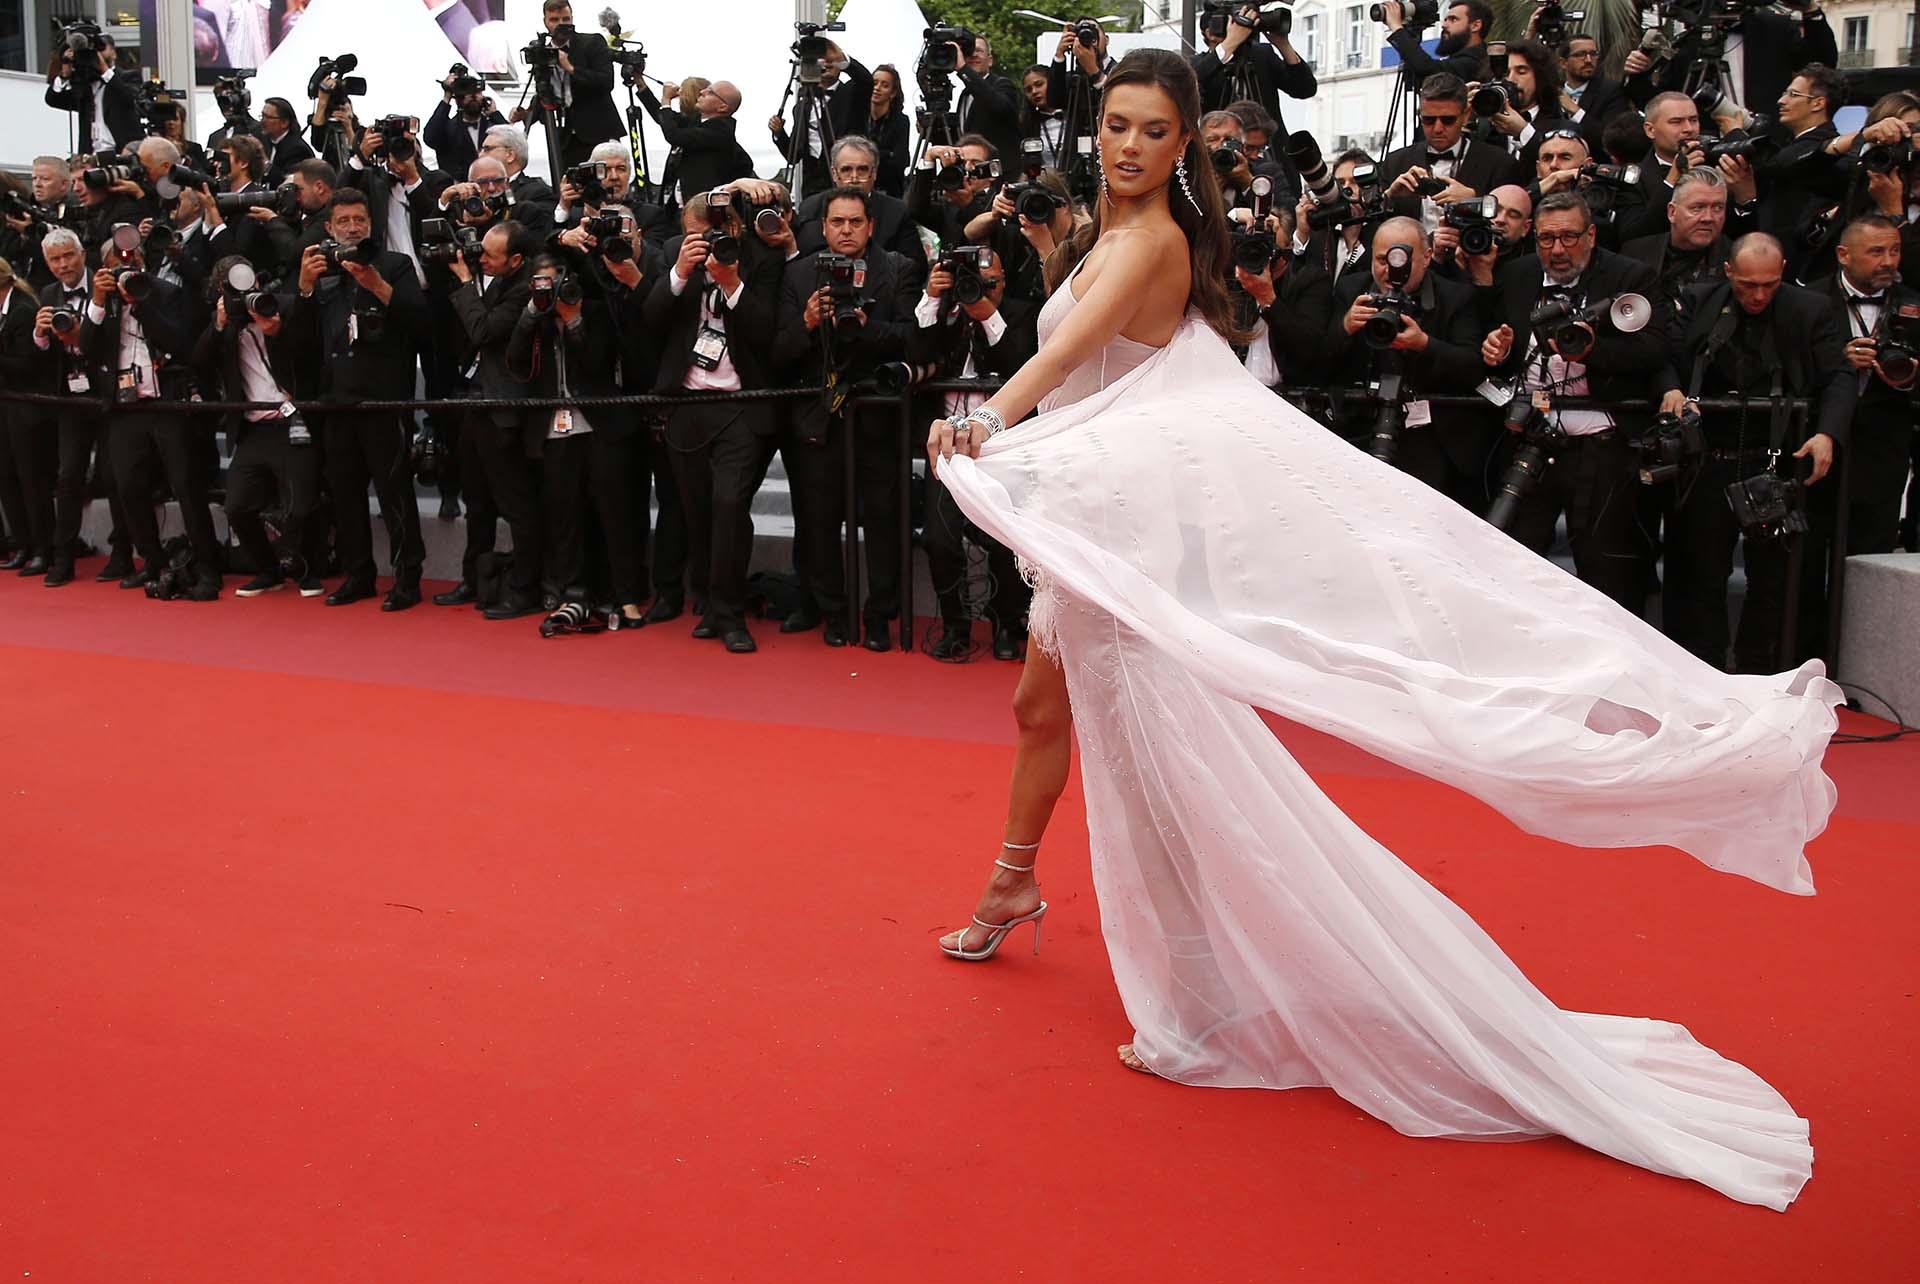 La modelo Alessandra Ambrosio posa para los fotógrafos